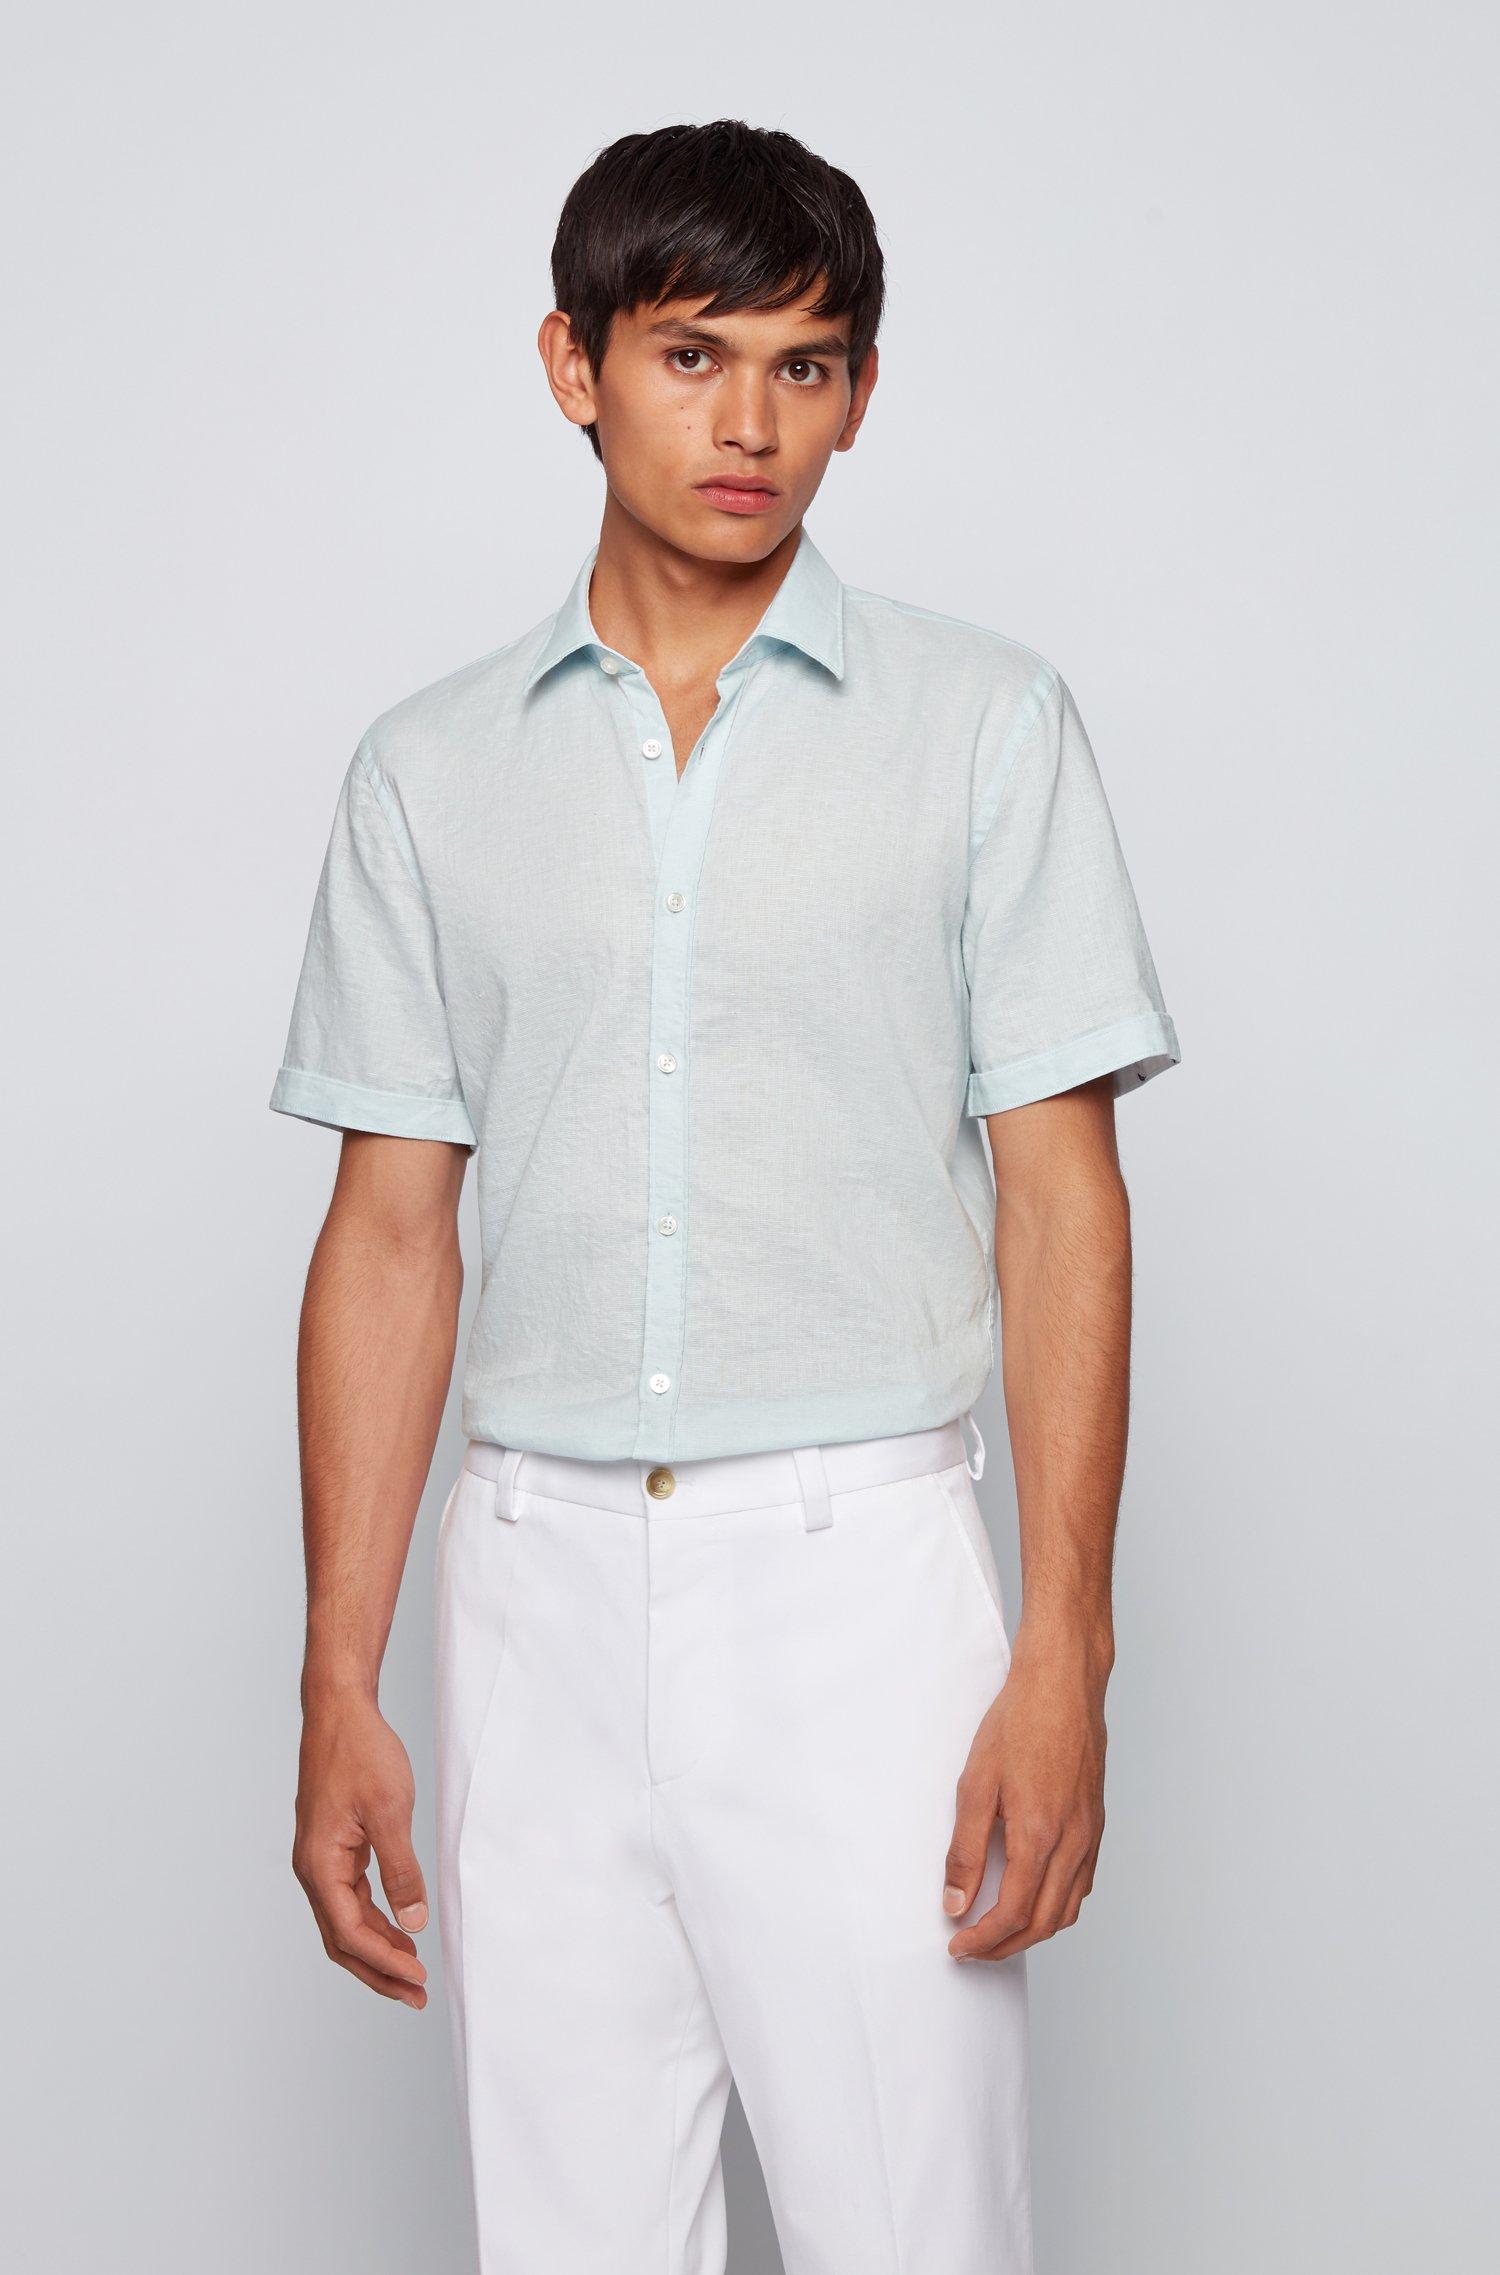 Chemise Slim Fit à manches courtes en lin stretch, bleu clair